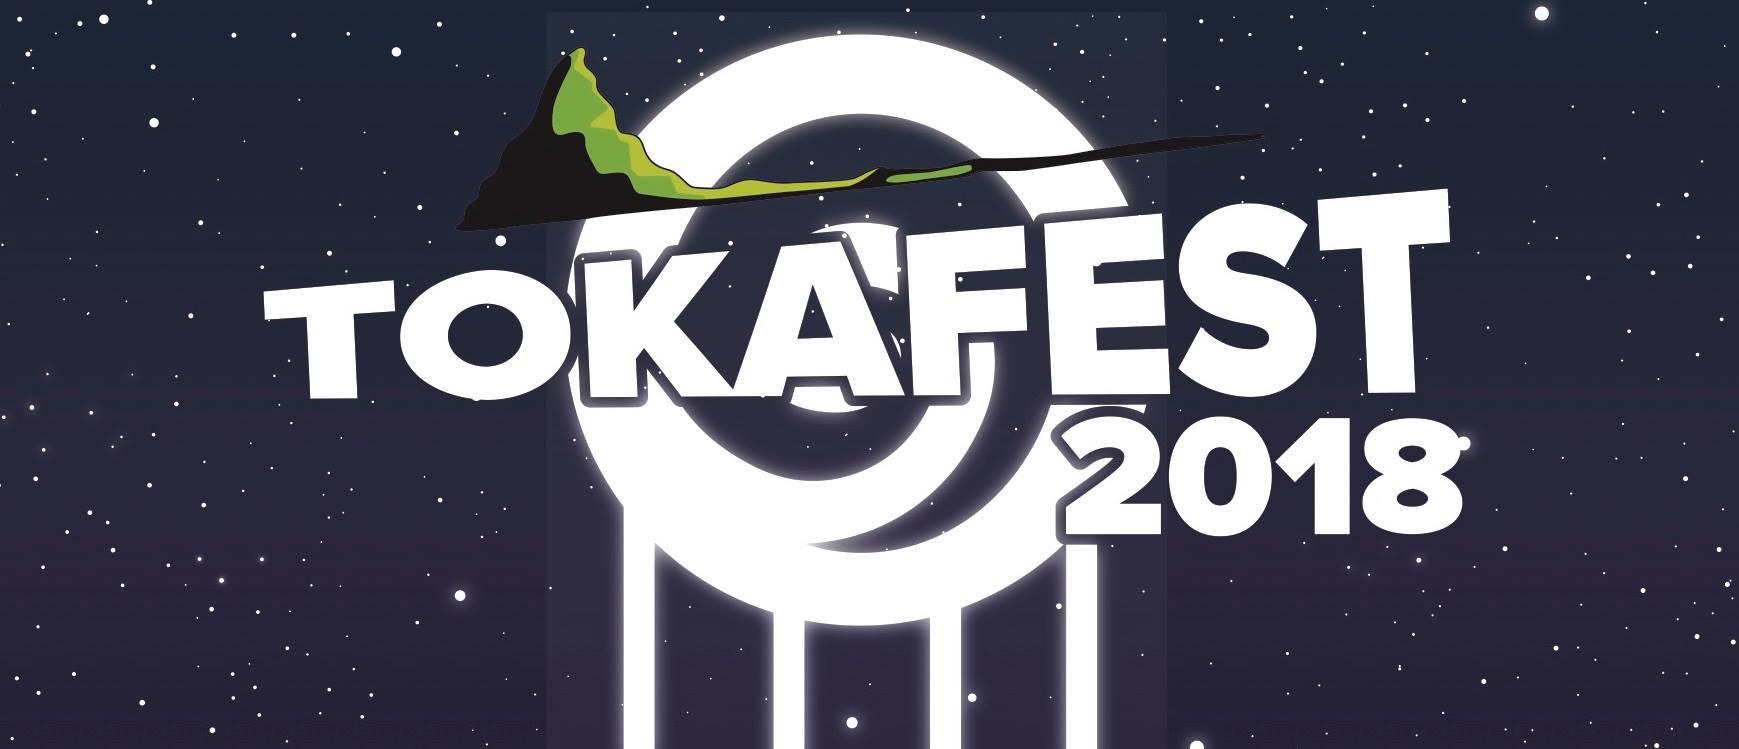 Tokafest 2018